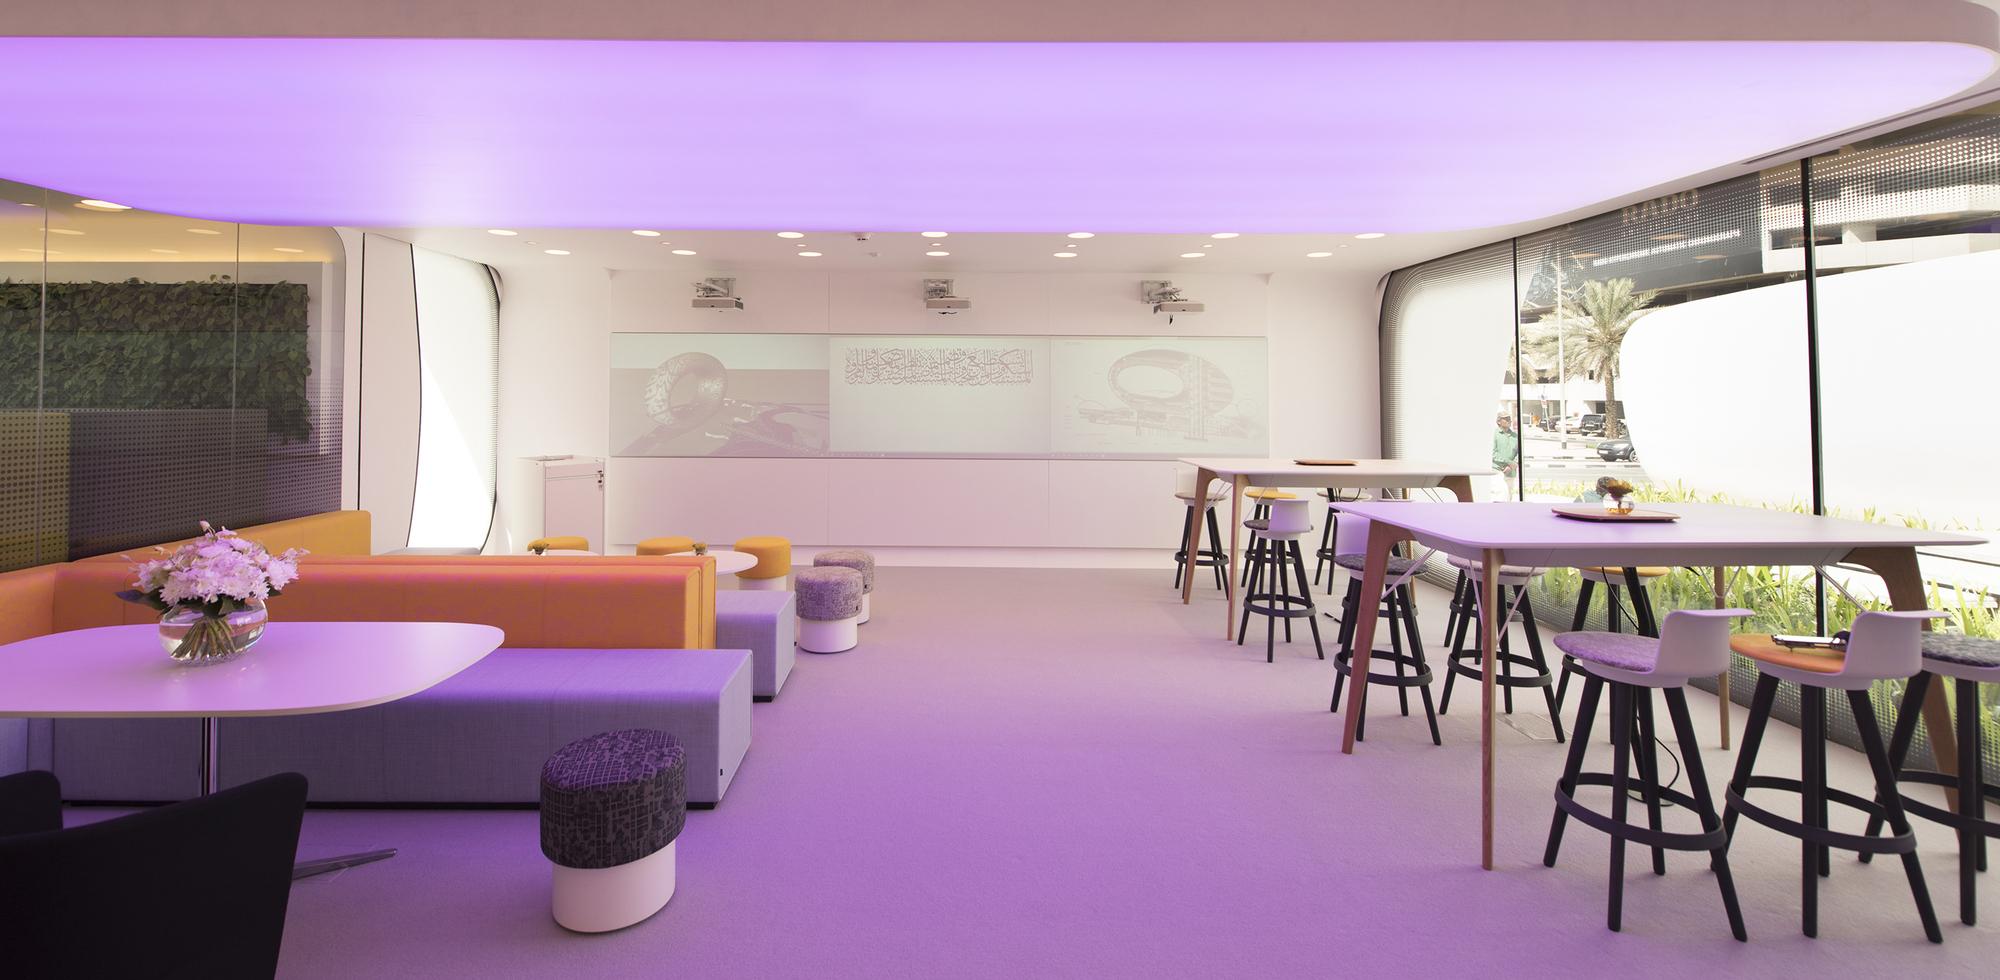 Gallery Of Office Of The Future Killa Design 13